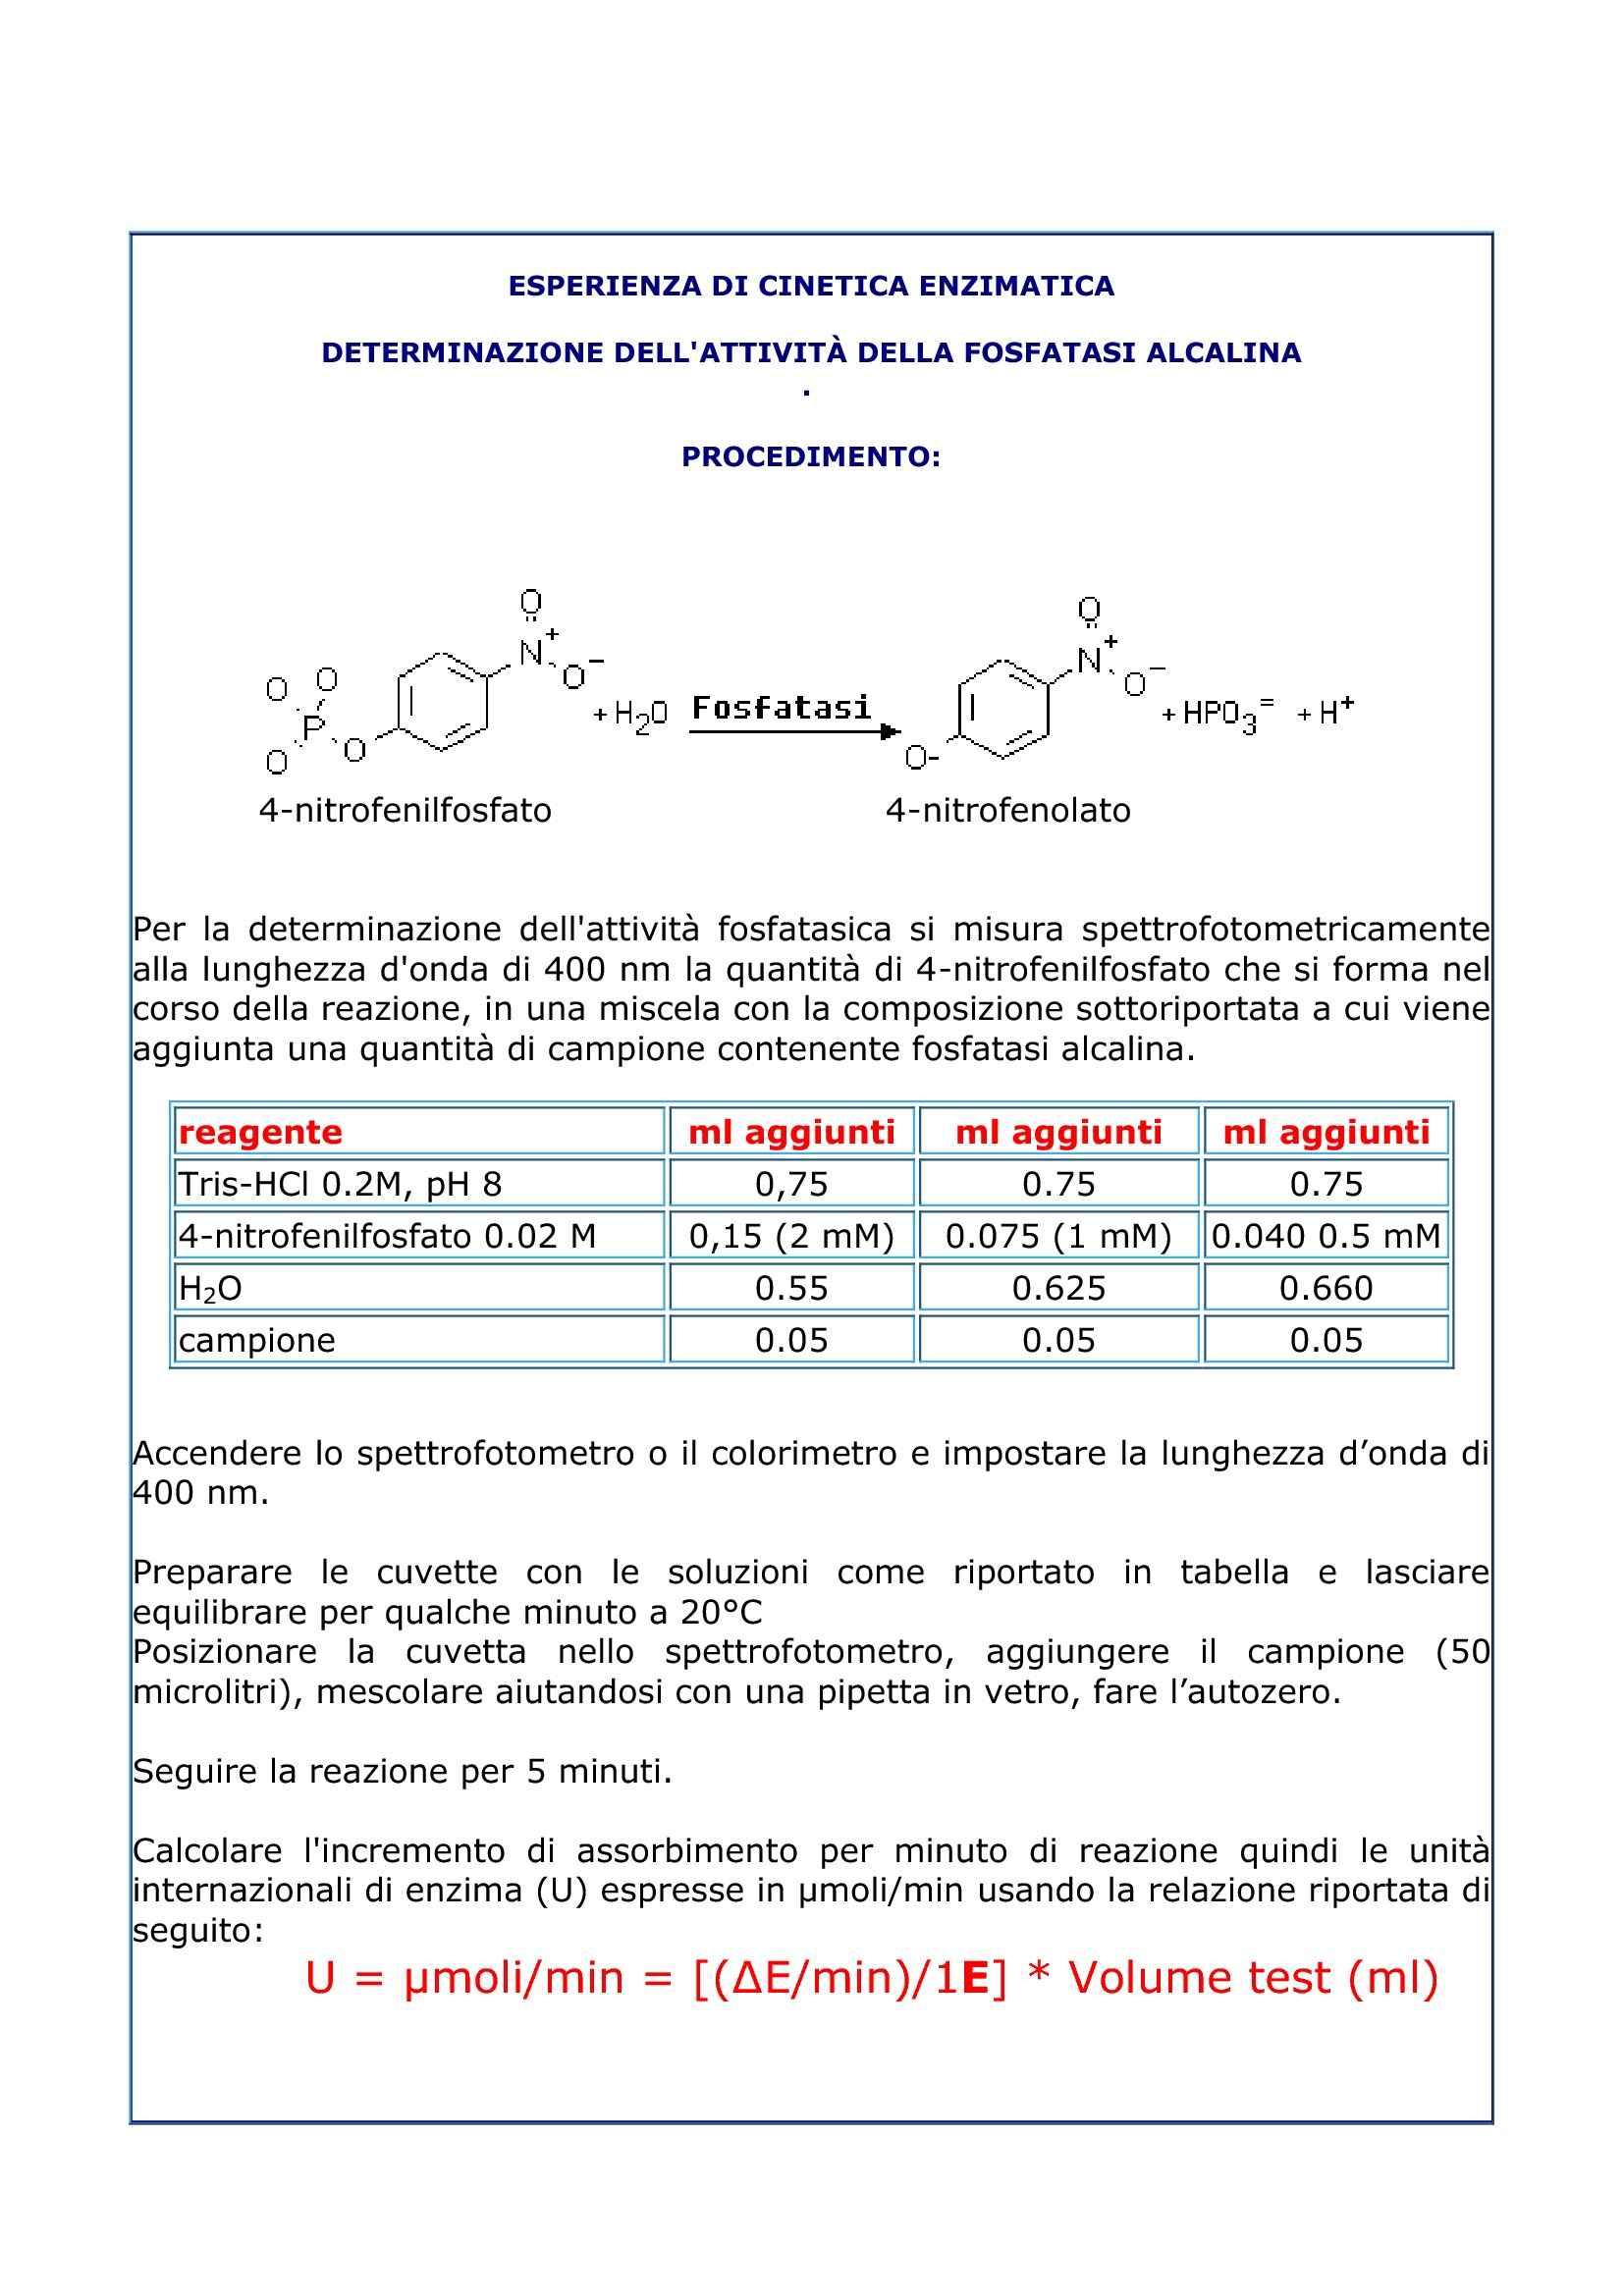 Determinazione attività enzimatica